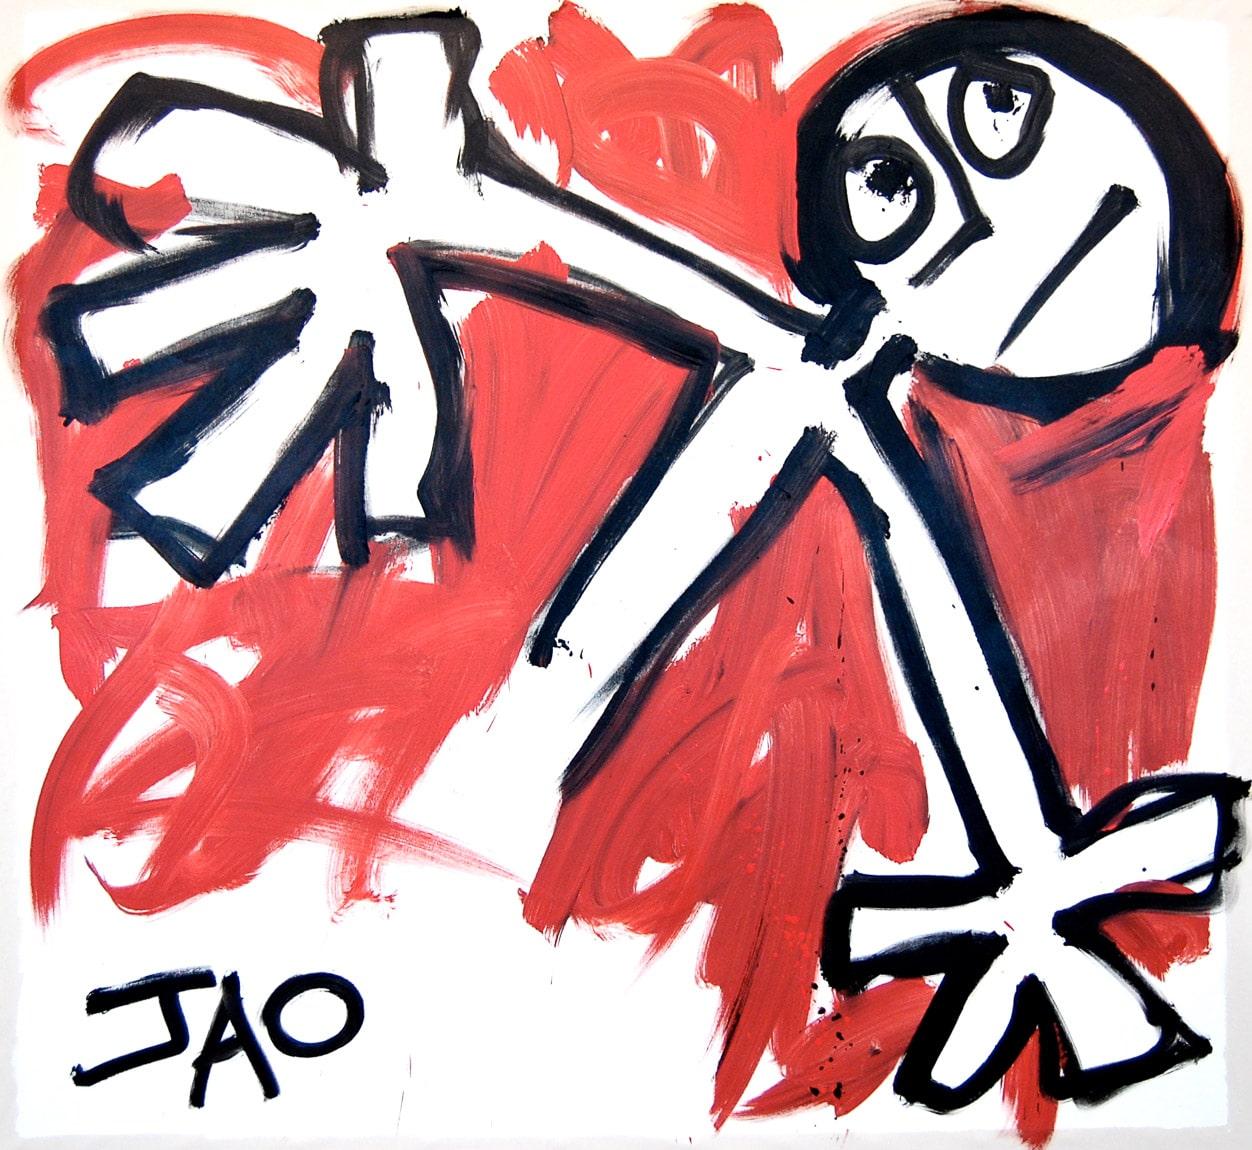 JAO-figure-sp-363r